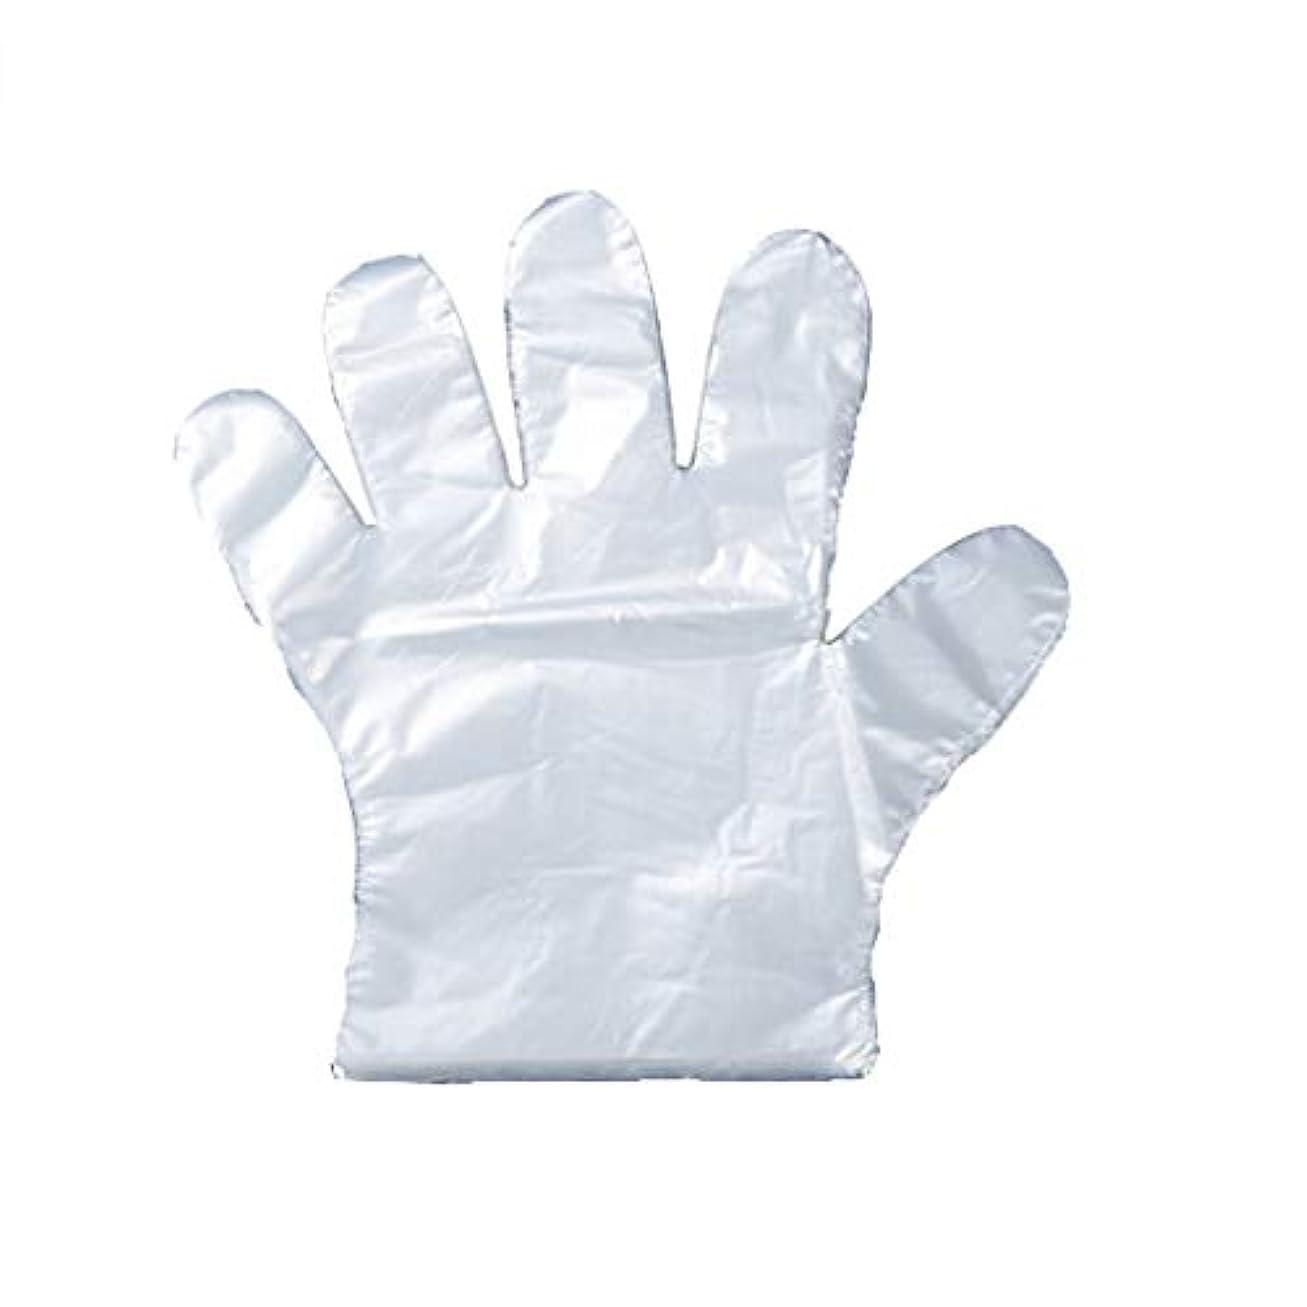 全体に知人内部手袋の使い捨て手袋のフィルム家庭用キッチンの食品は、透明PEプラスチック手袋100パッケージを厚くした (UnitCount : 200)